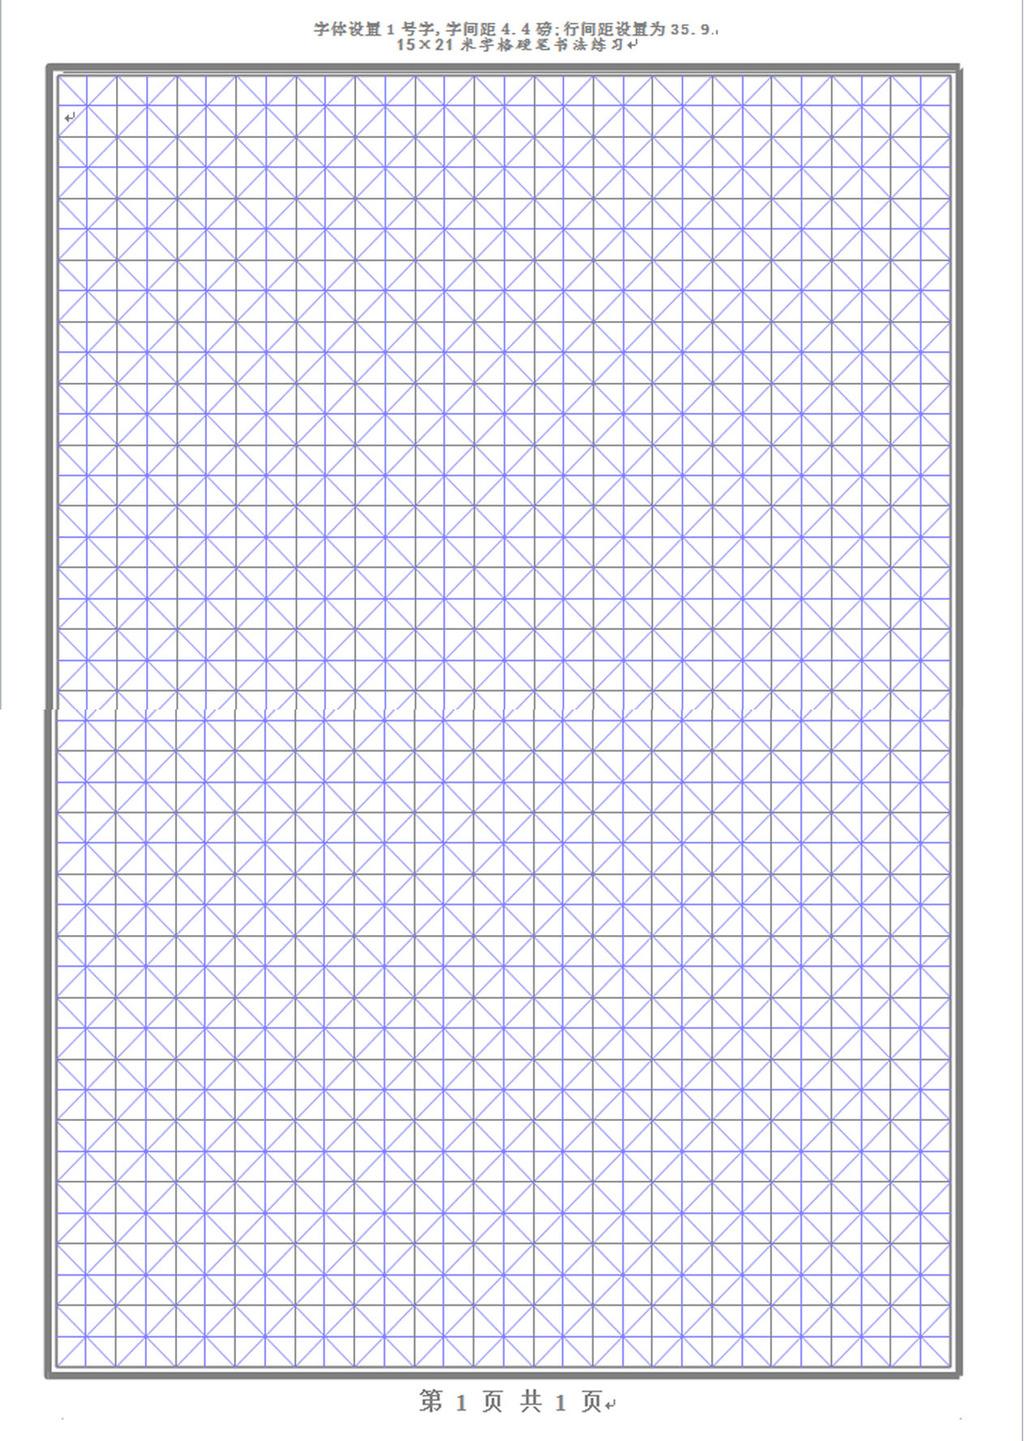 米字格字帖信纸背景模板下载